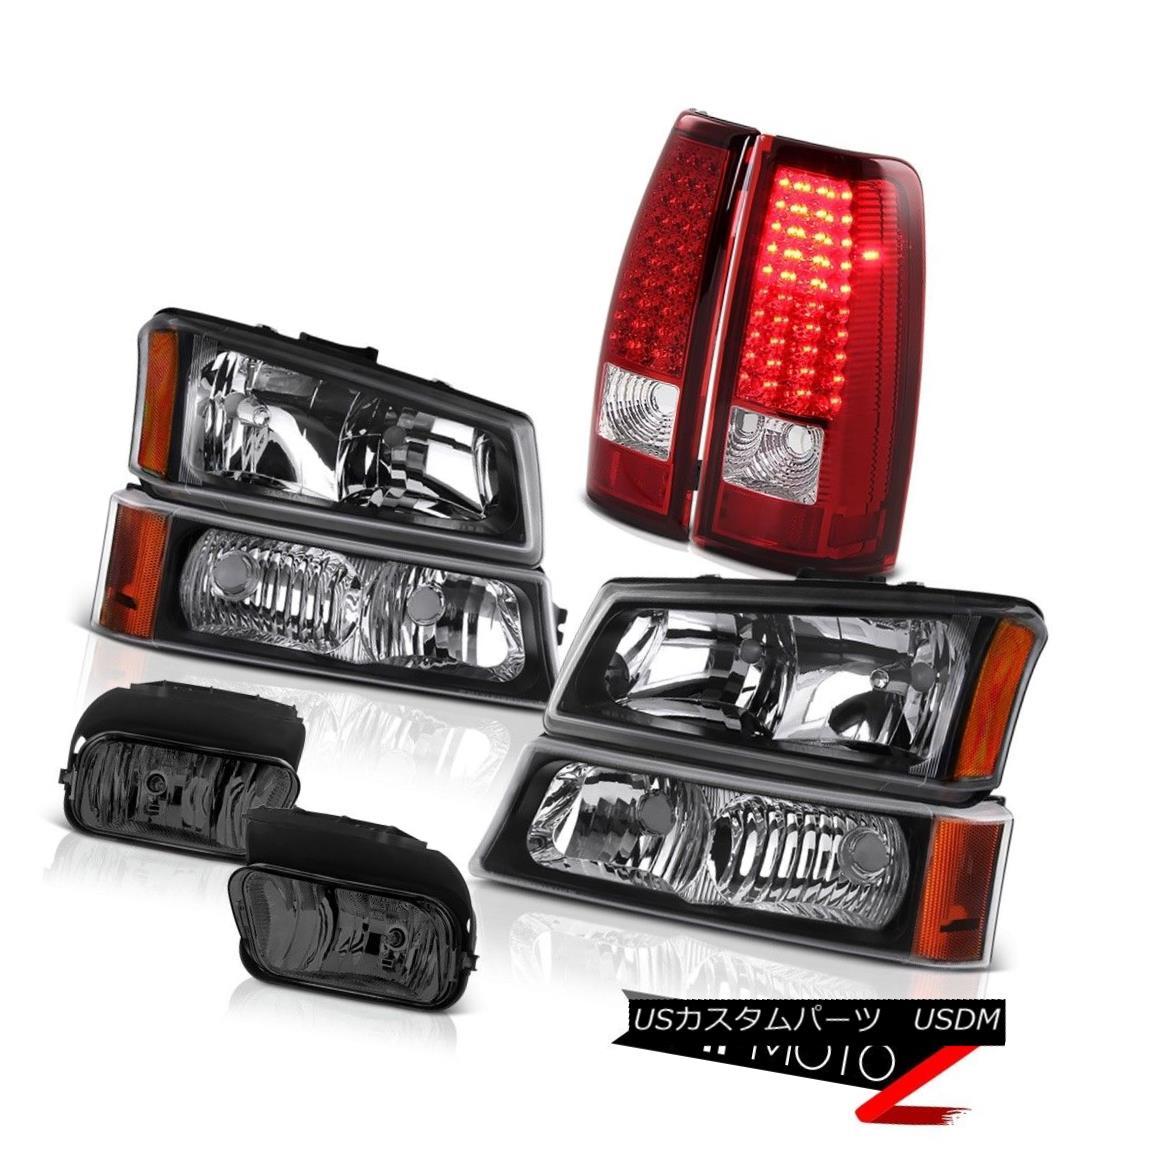 テールライト 03-06 Silverado LT Black Parking Headlights Clear LED Tail Light Bumper Foglight 03-06 Silverado LT BlackパーキングヘッドライトClear LEDテールライトバンパーフォグライト